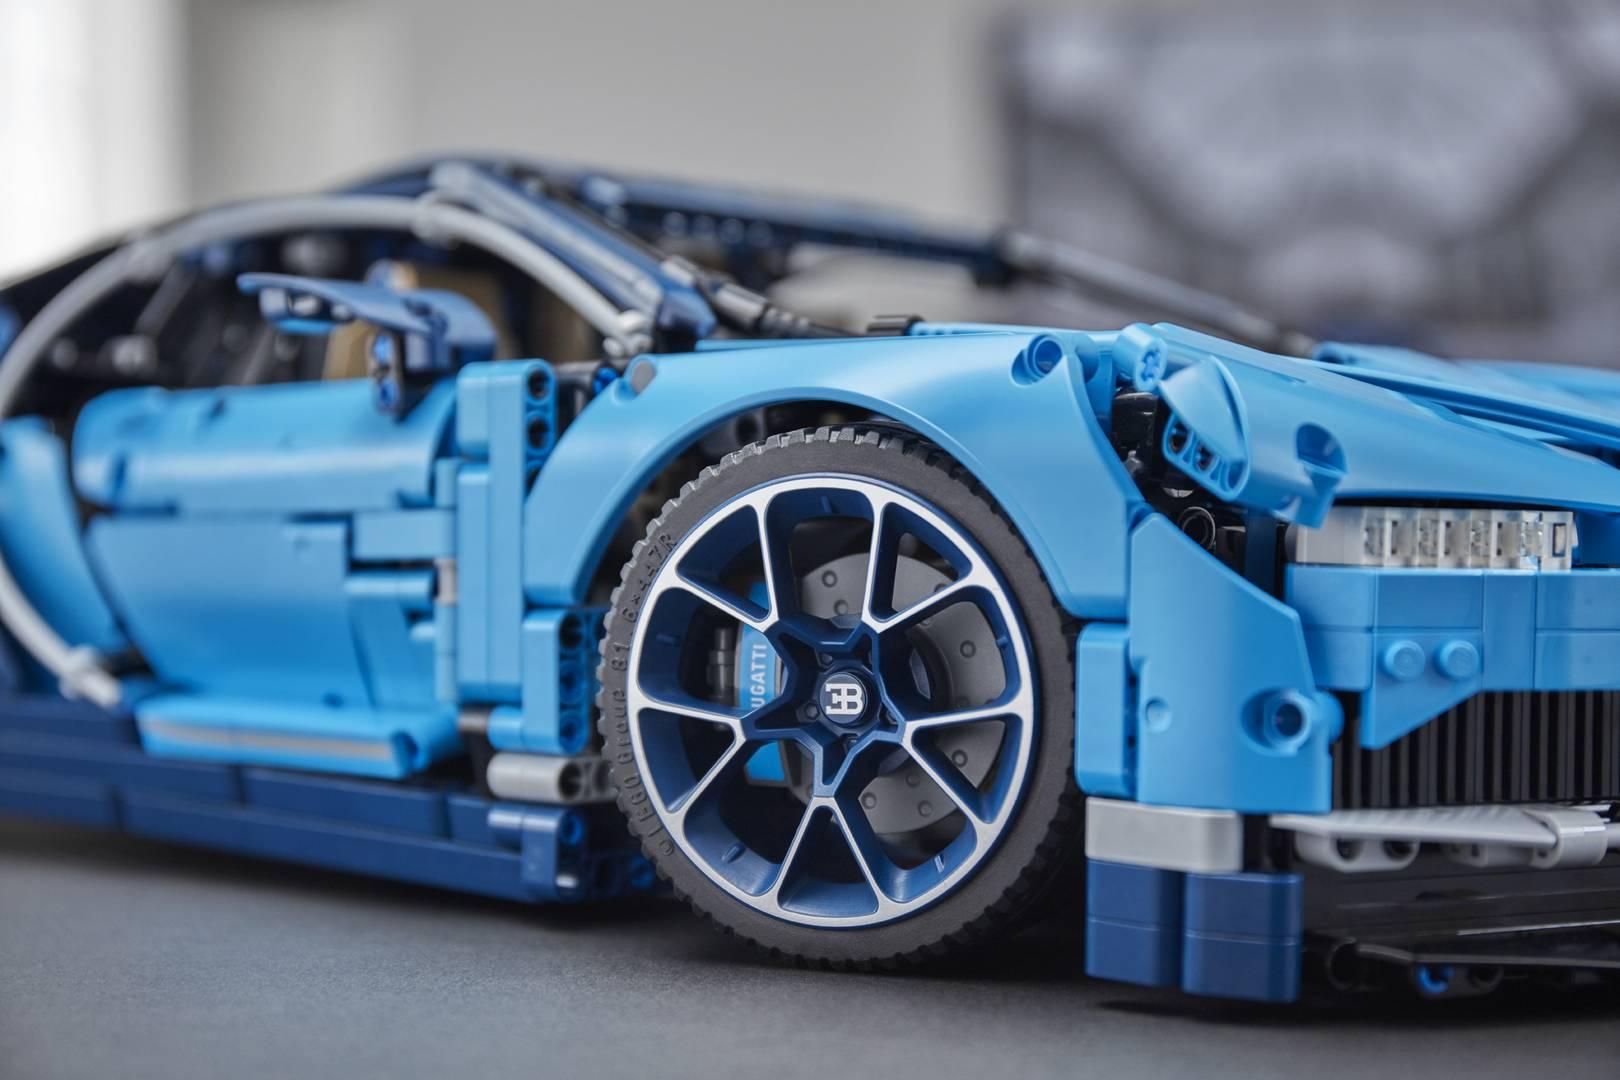 Она состоит из 3,599 отдельных деталей с активным задним крылом и дисками с низкопрофильными шинами. Модель получила тщательно проработанный салон и с подвижными лепестками переключения передач и детальный двигатель W16 с движущимися поршнями.